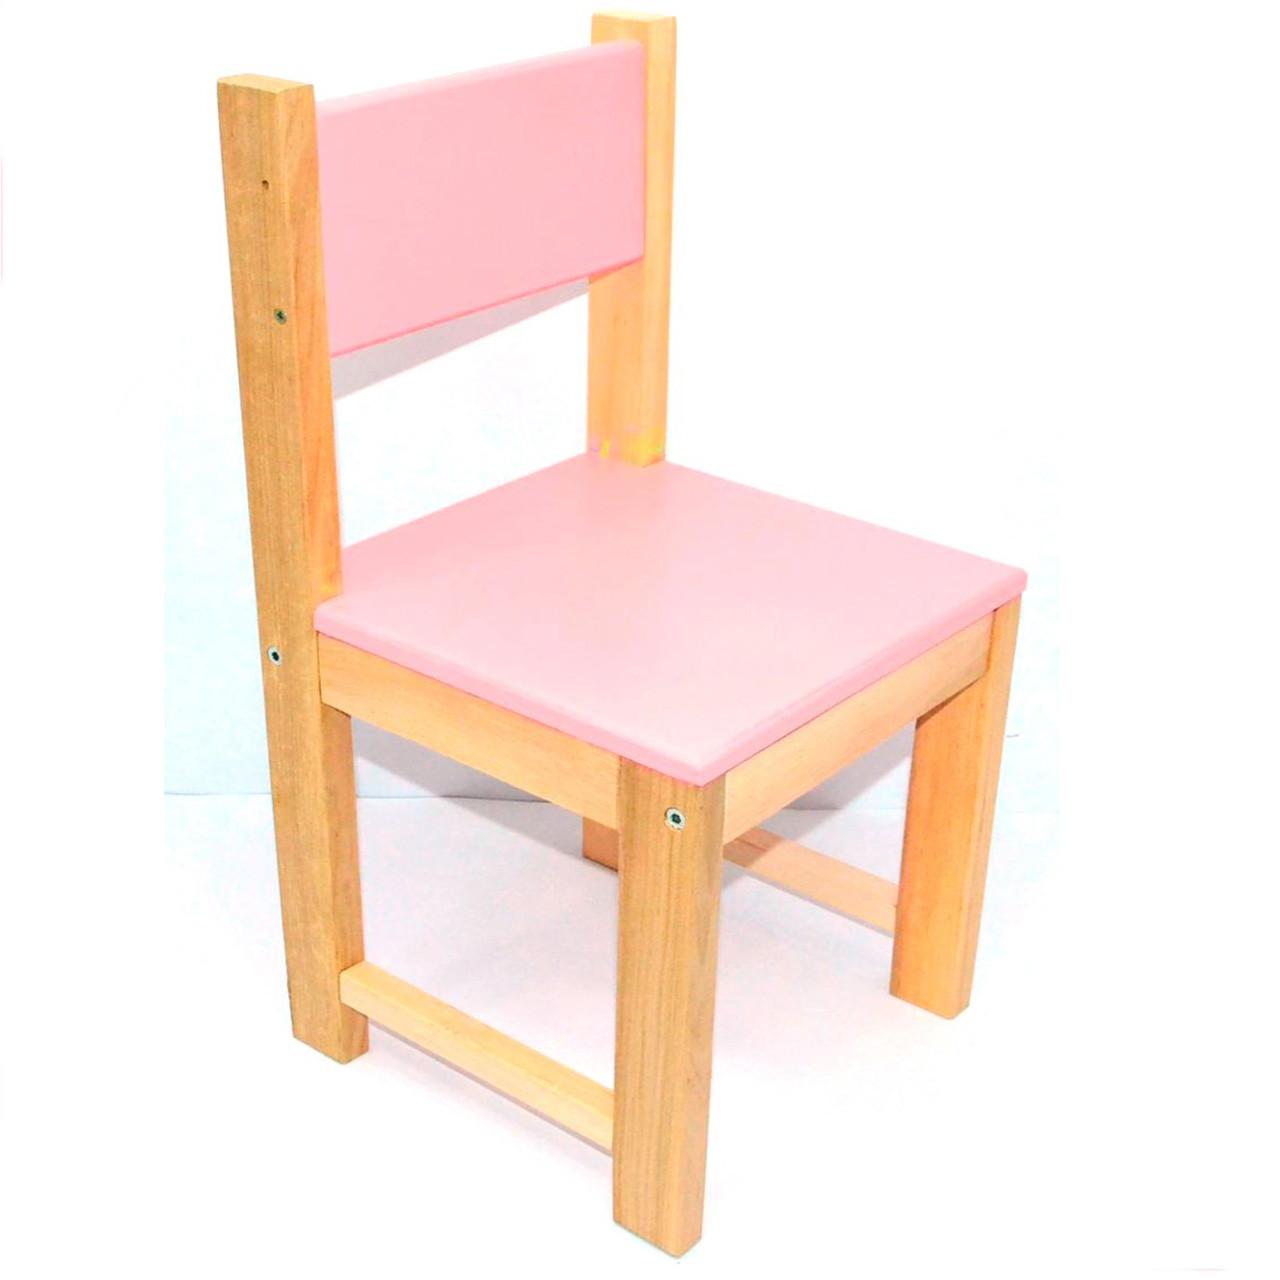 Стульчик детский деревянный ИГРУША 56 см Розовый